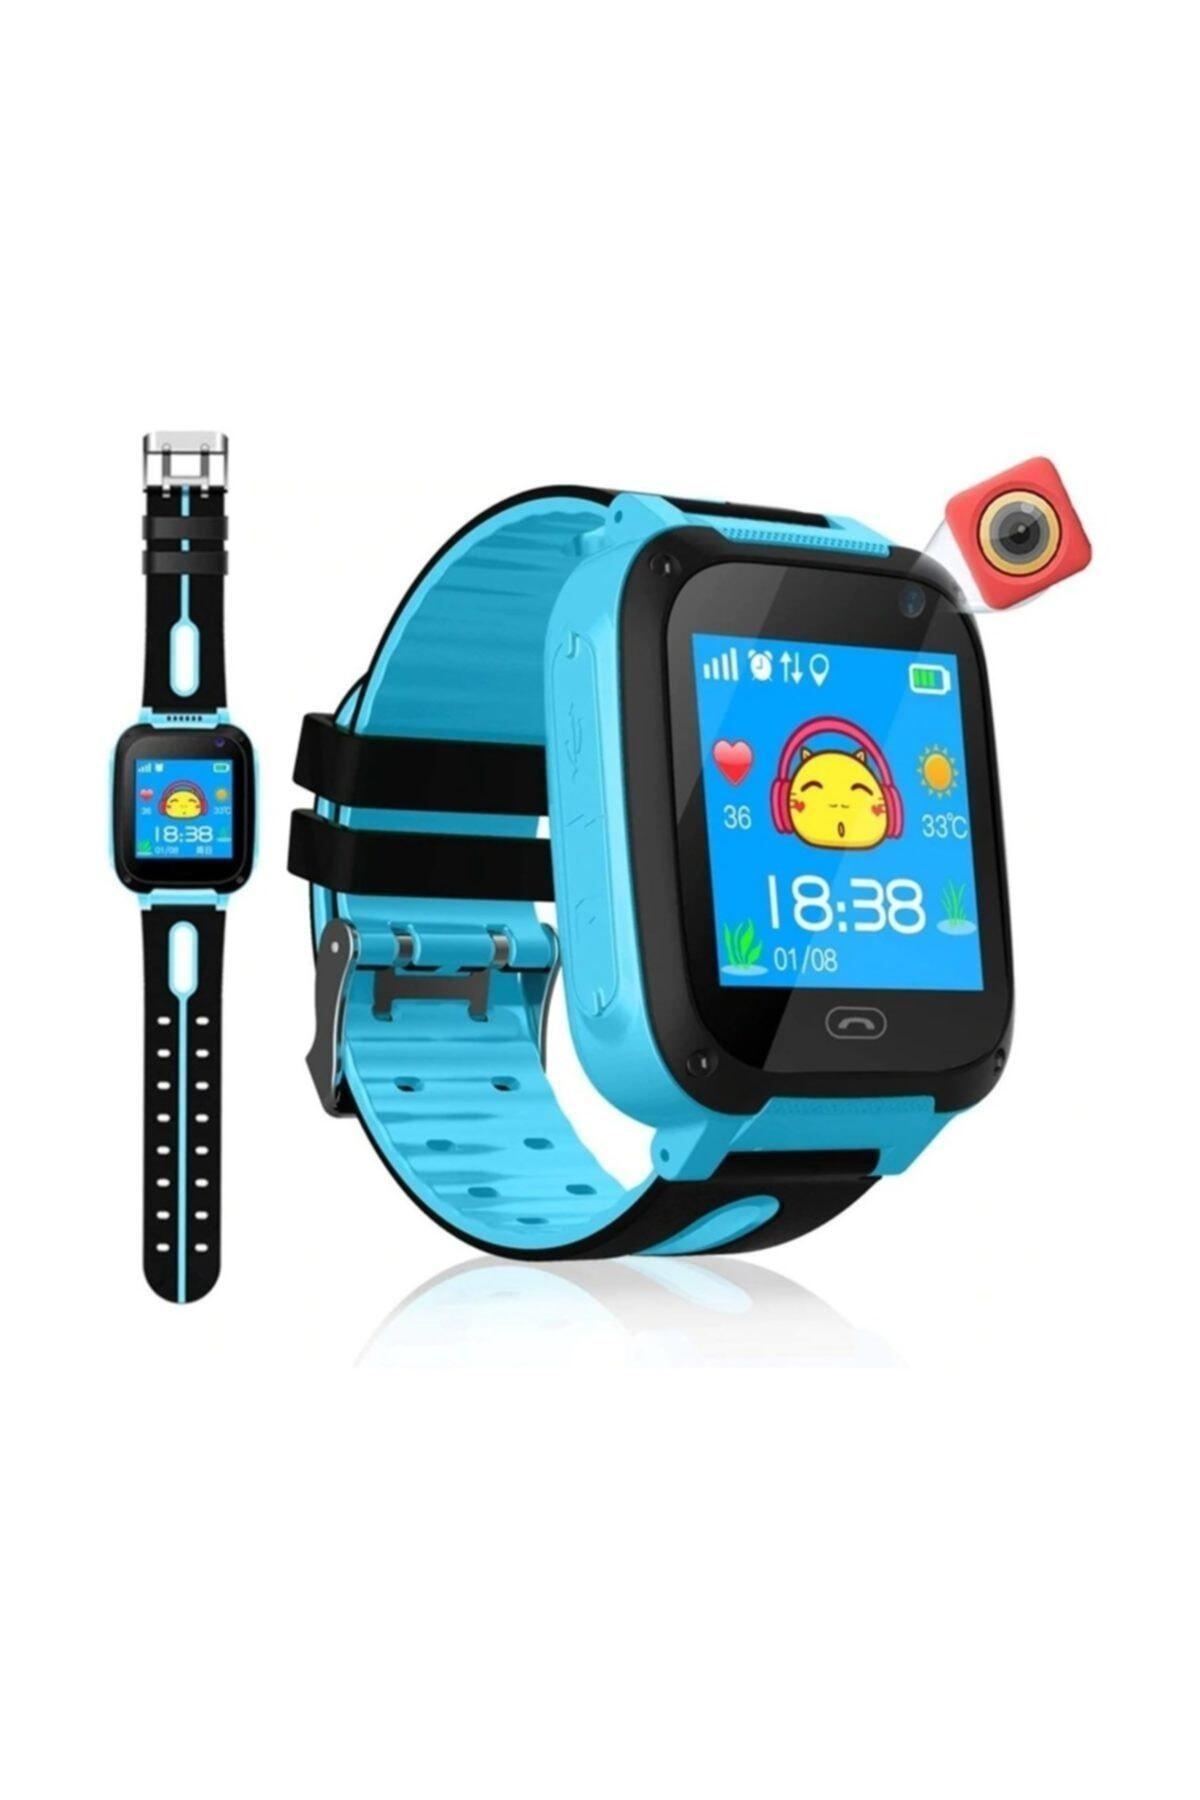 BabySmart Akıllı Saat - Çocuk Takip Saati - Gps - Sim Kartlı Arama- Kameralı 1